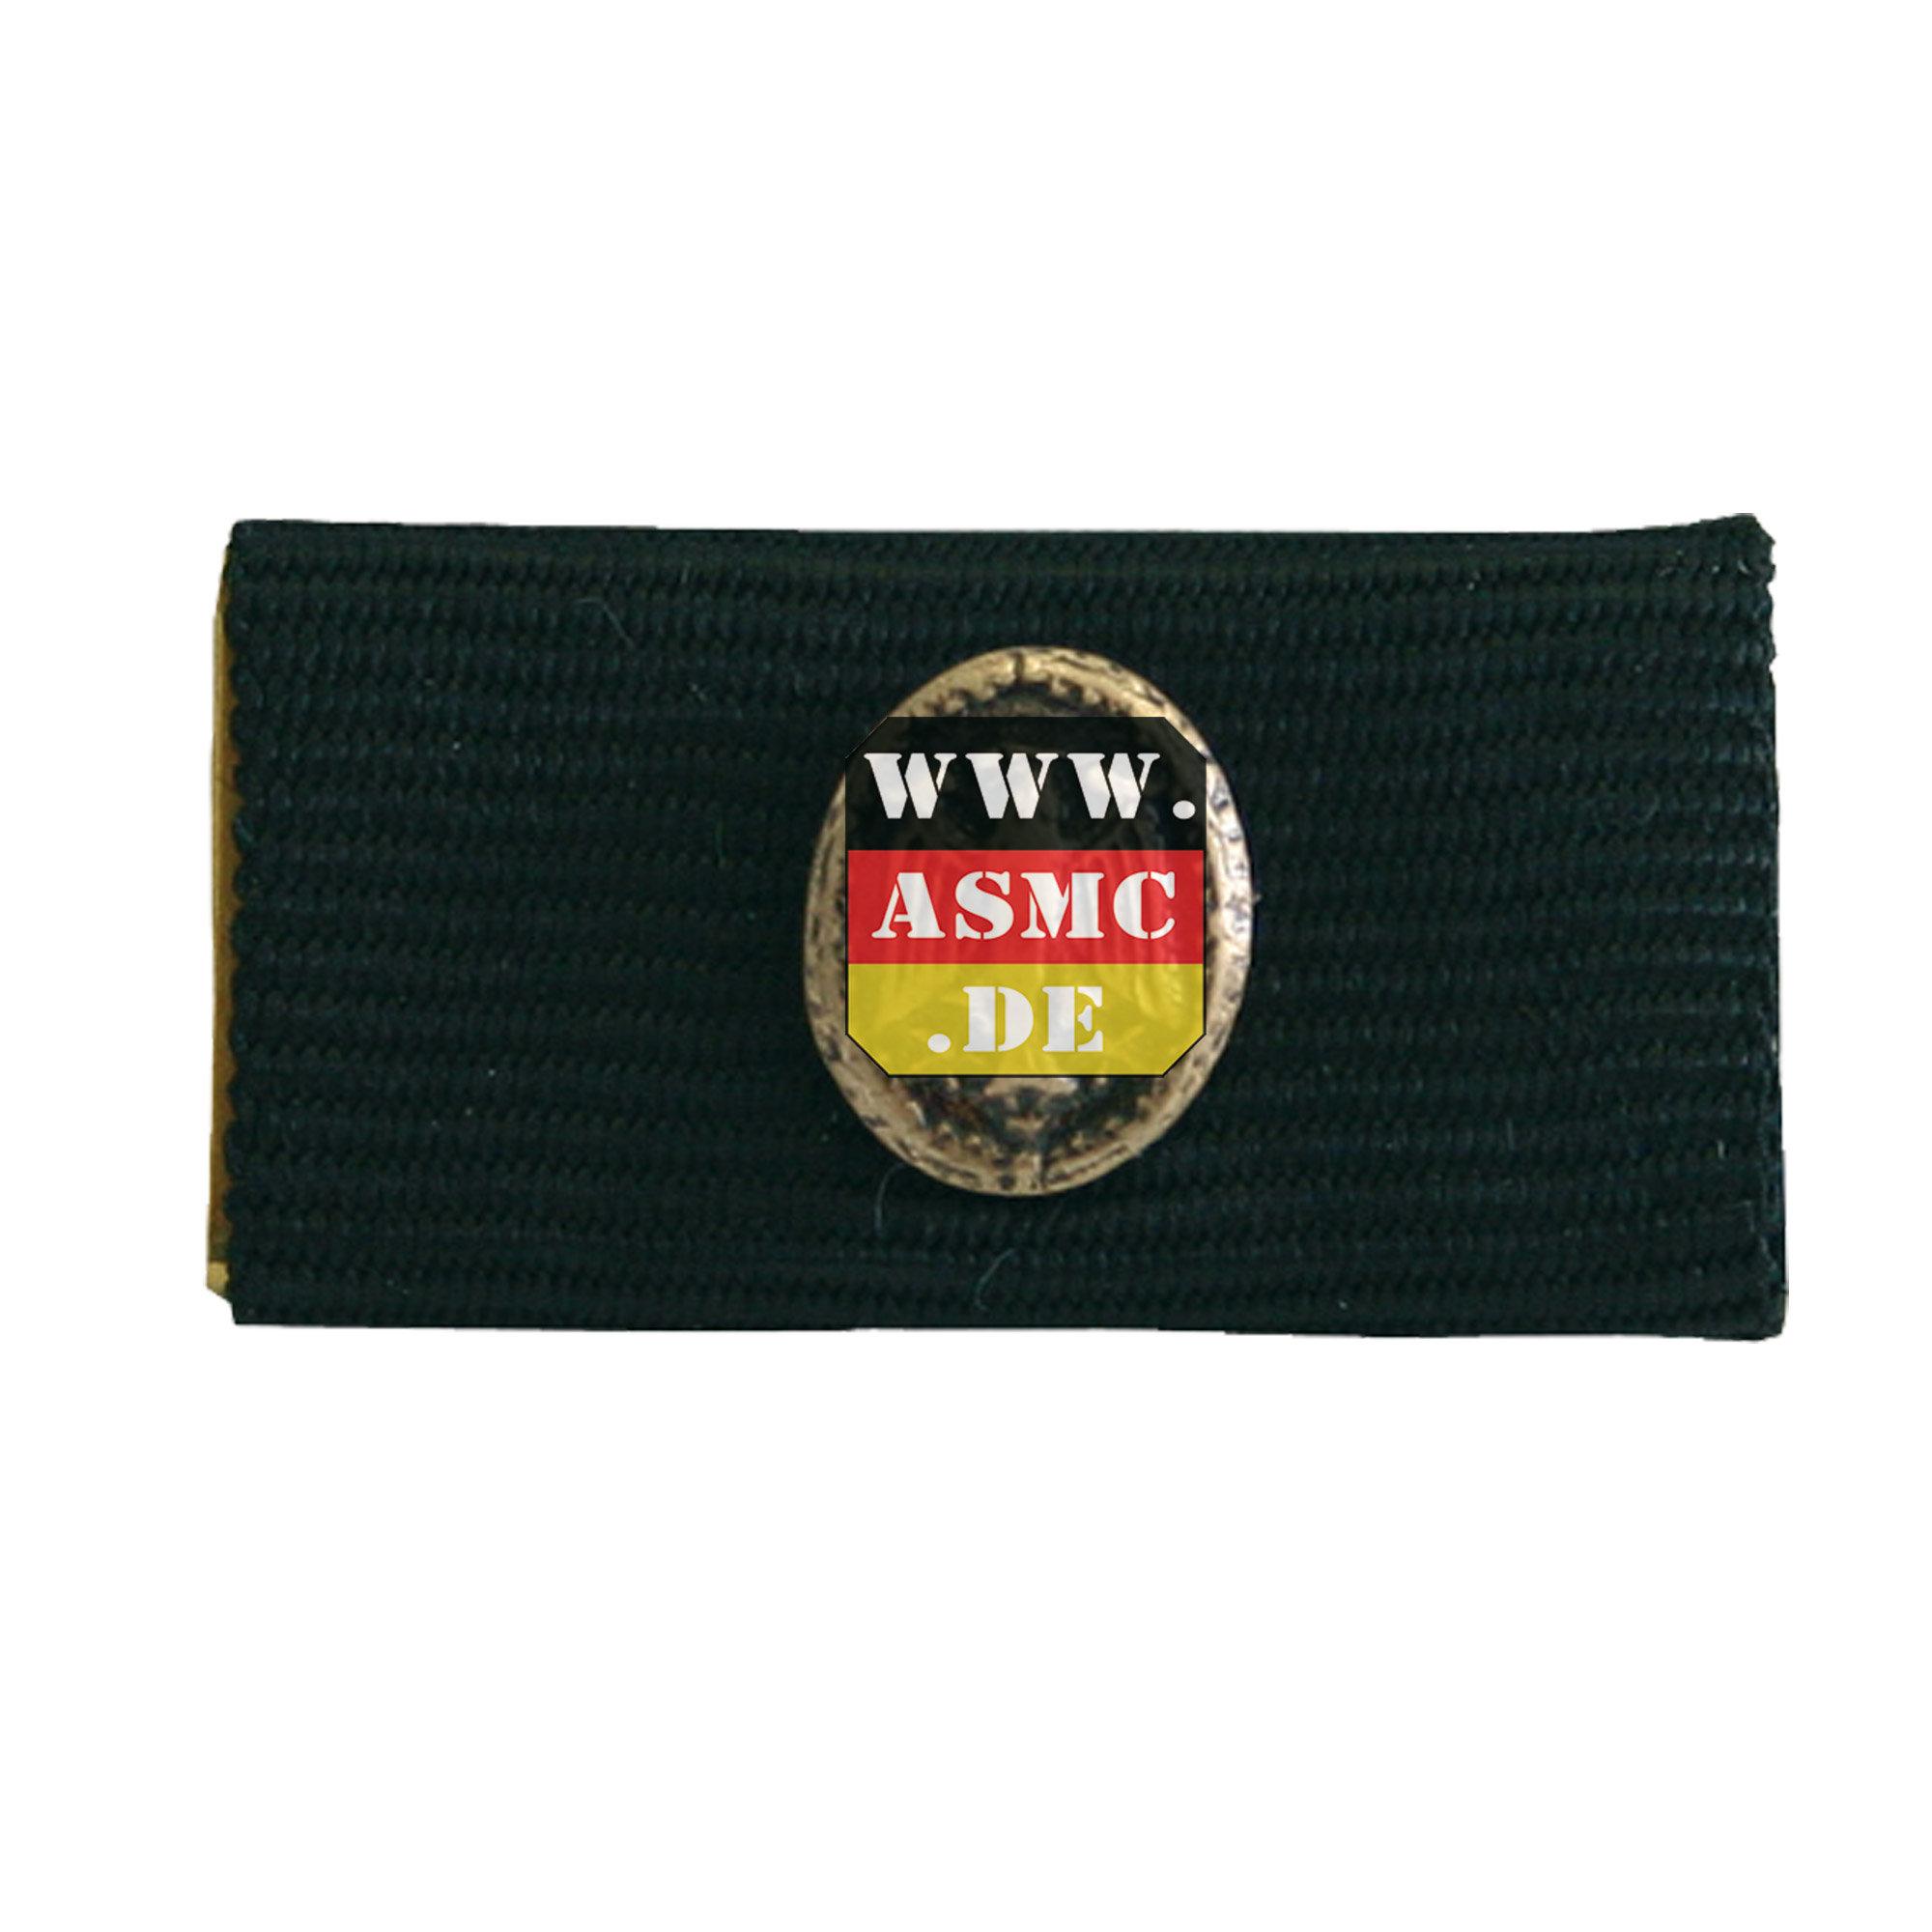 Ordensspange BW Leistungsabzeichen bronze/schwarz